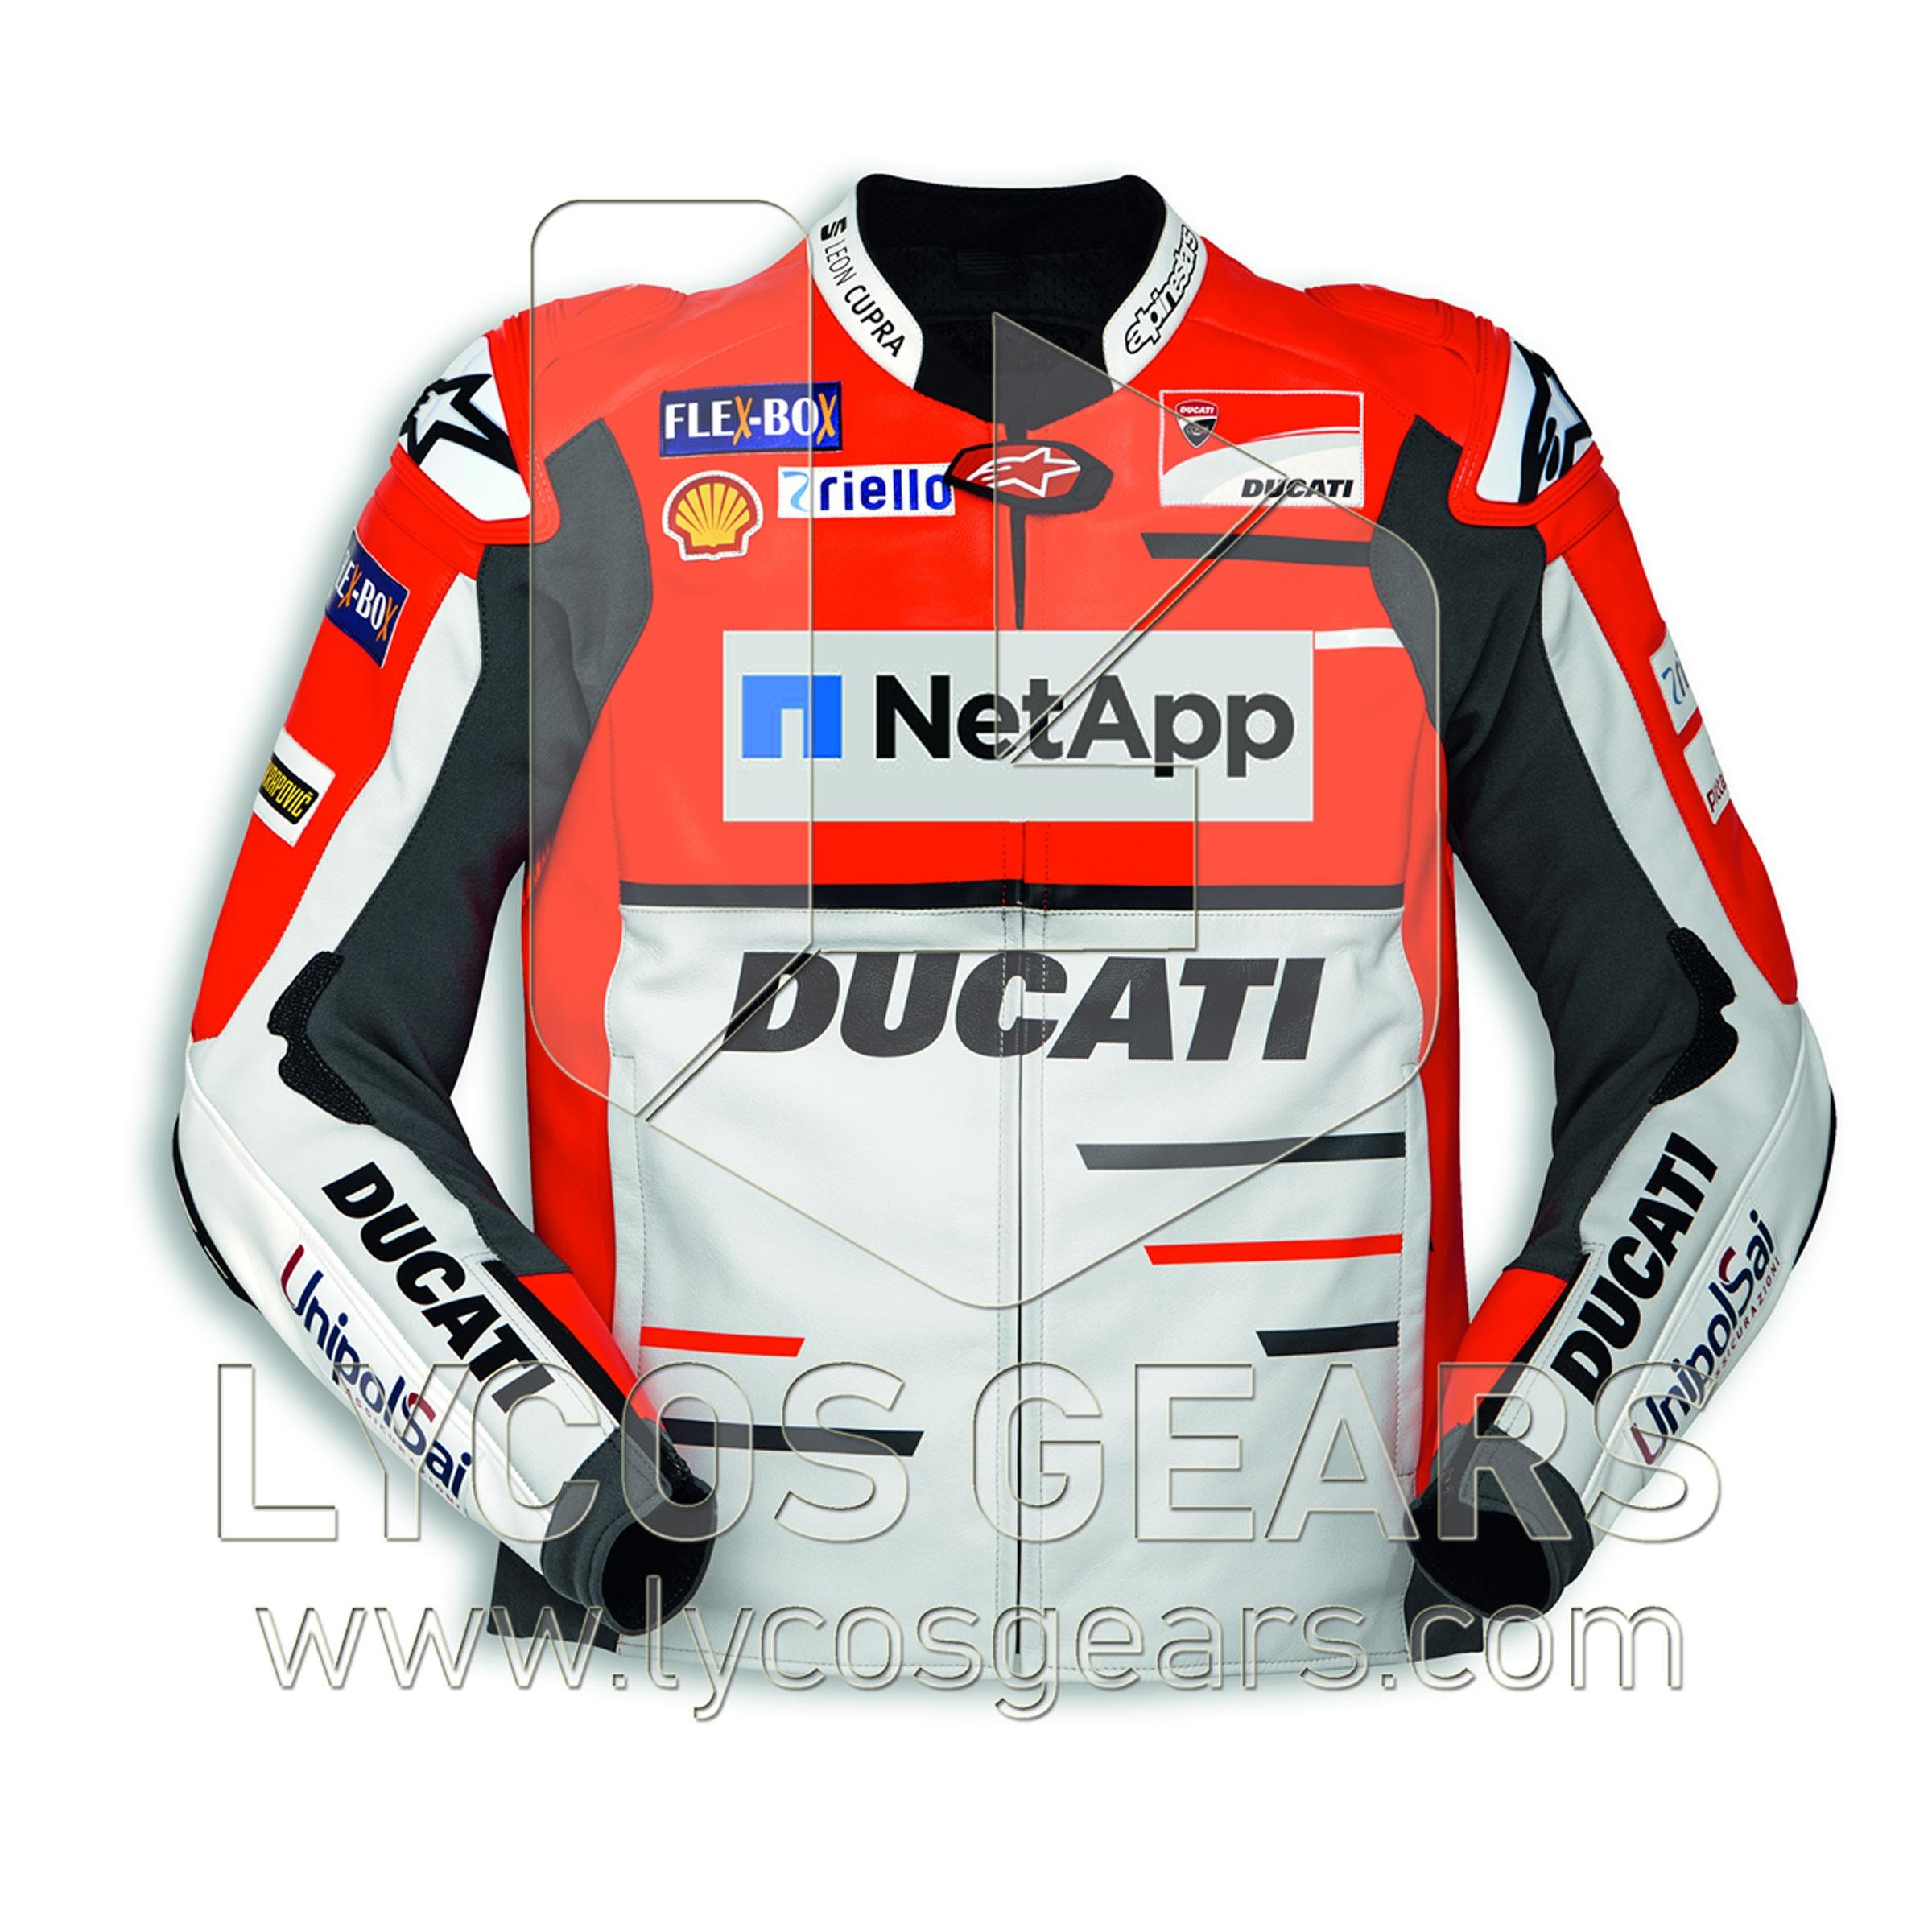 Ducati Motorcycle Racing Leather Jacket